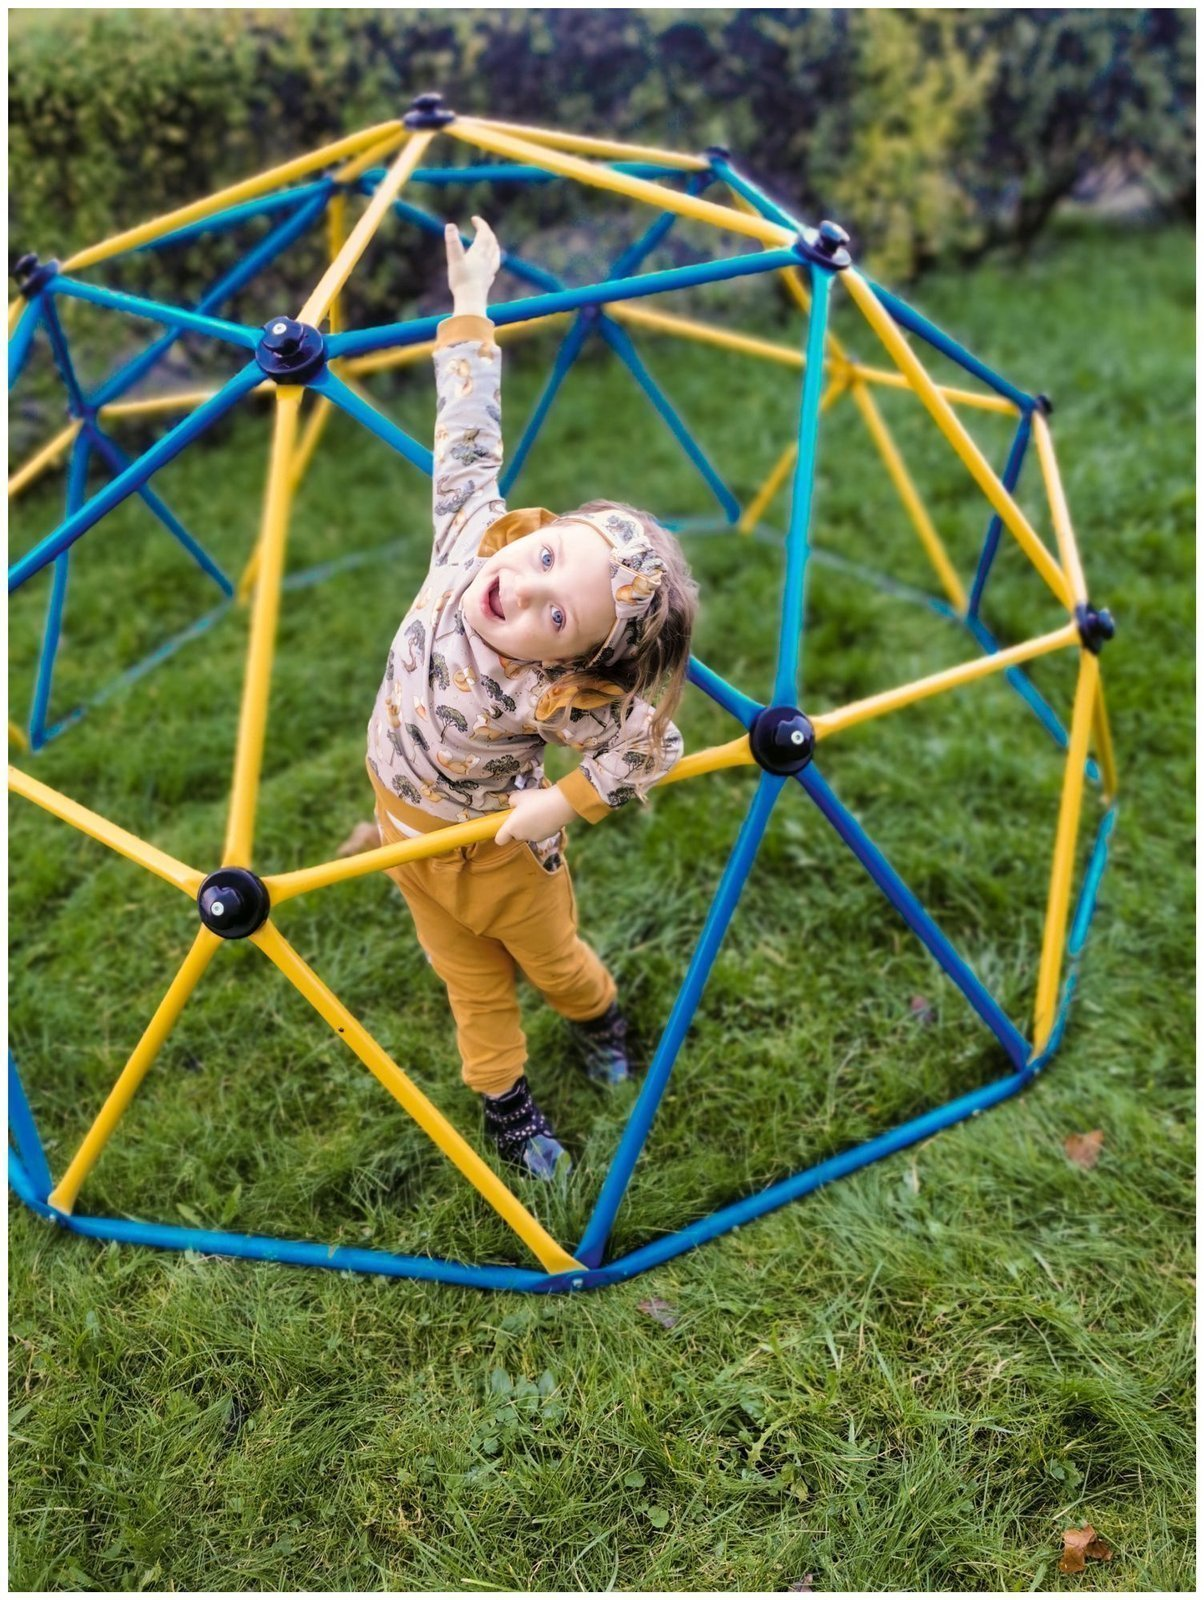 Drabinka CLIBMBER - kopuła do wspinaczki, geodome, ogrodowy plac zabaw